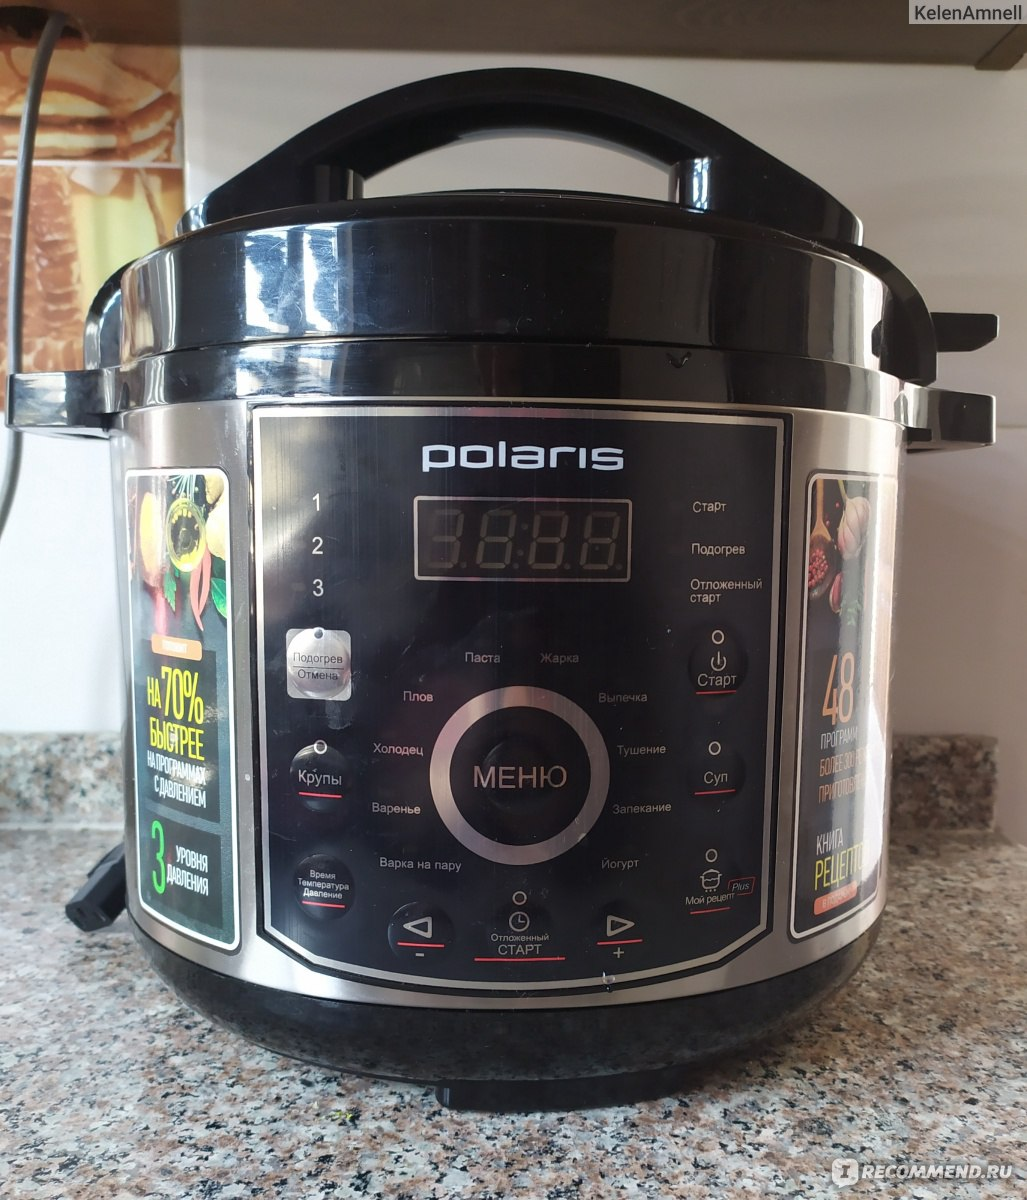 Мультиварка polaris ppc 1305ad - купить | цены | обзоры и тесты | отзывы | параметры и характеристики | инструкция